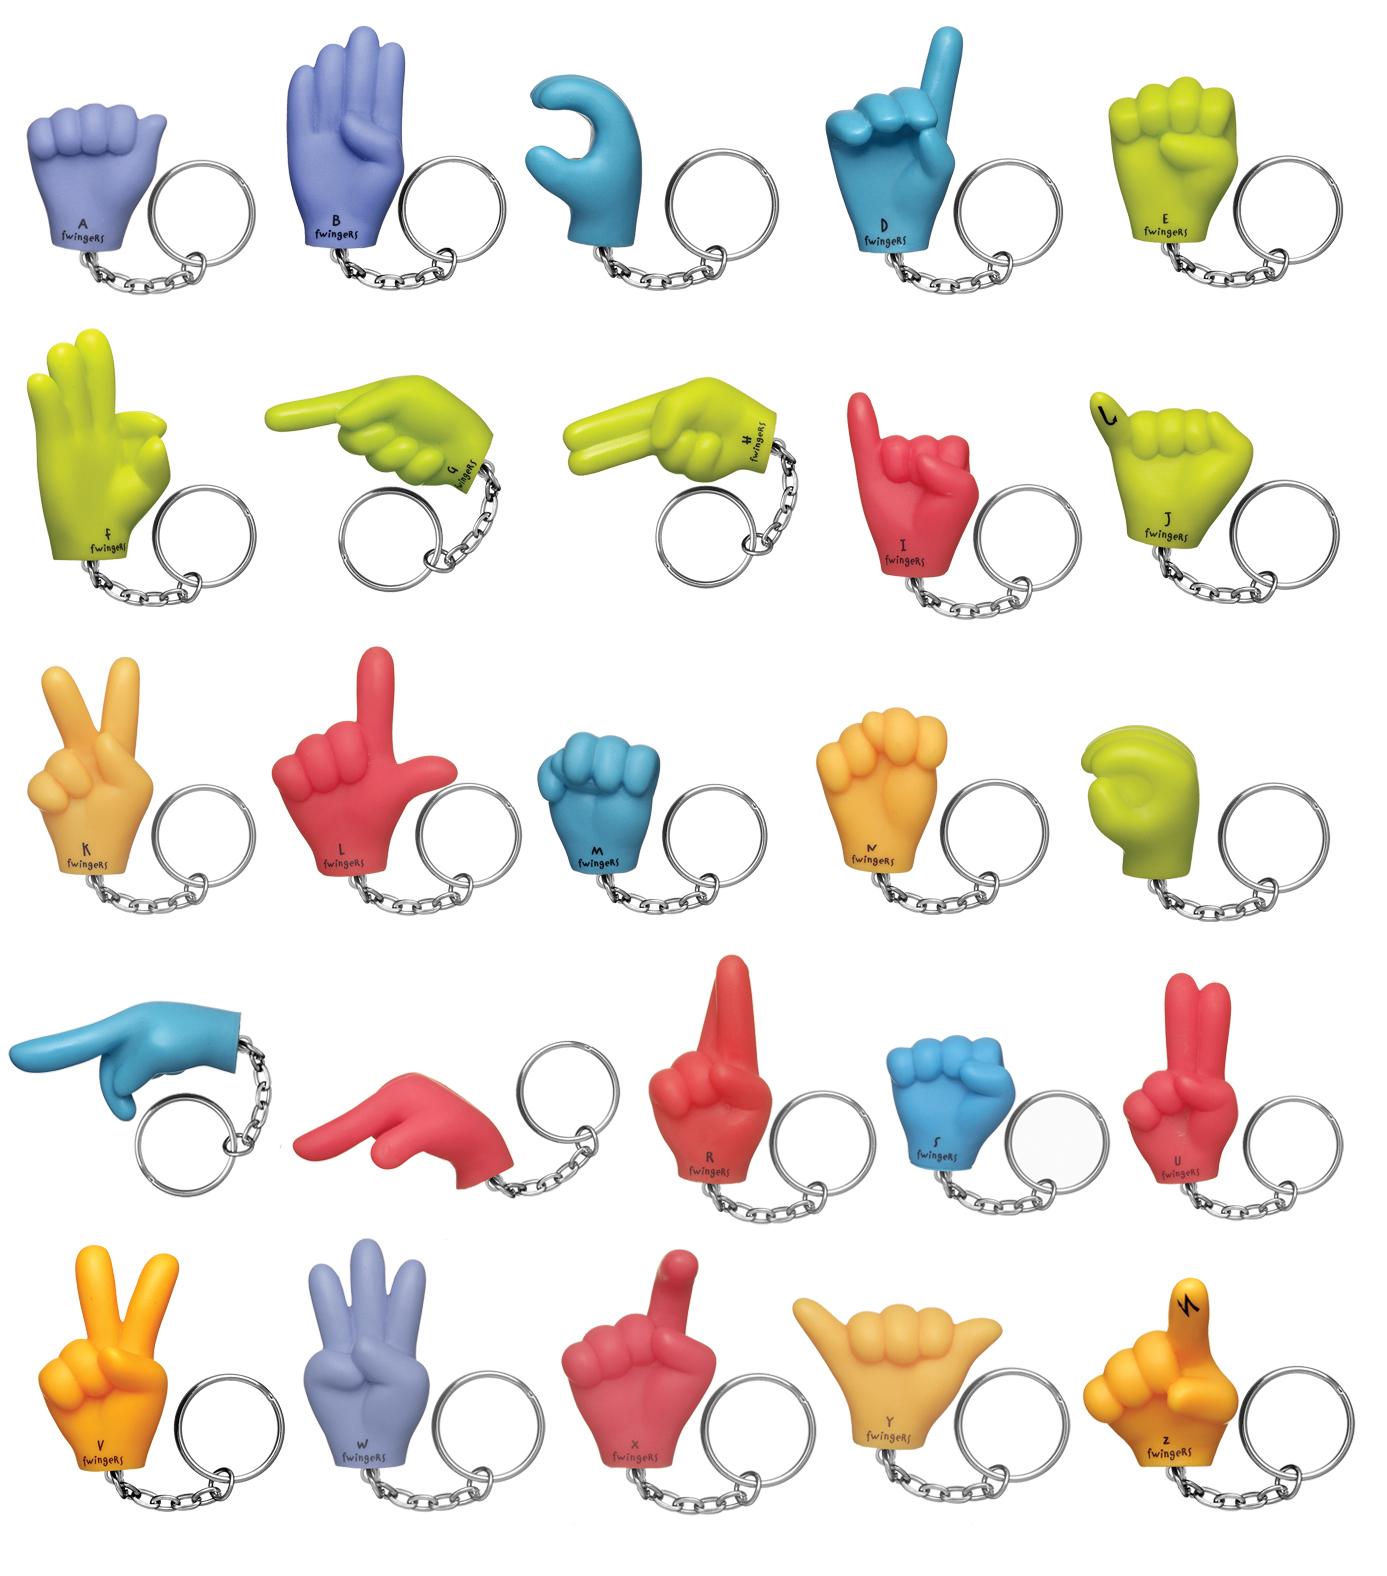 Sign language alphabet clipart clip art royalty free stock Sign Language Alphabet Keychain | ADCO HEARING PRODUCTS clip art royalty free stock